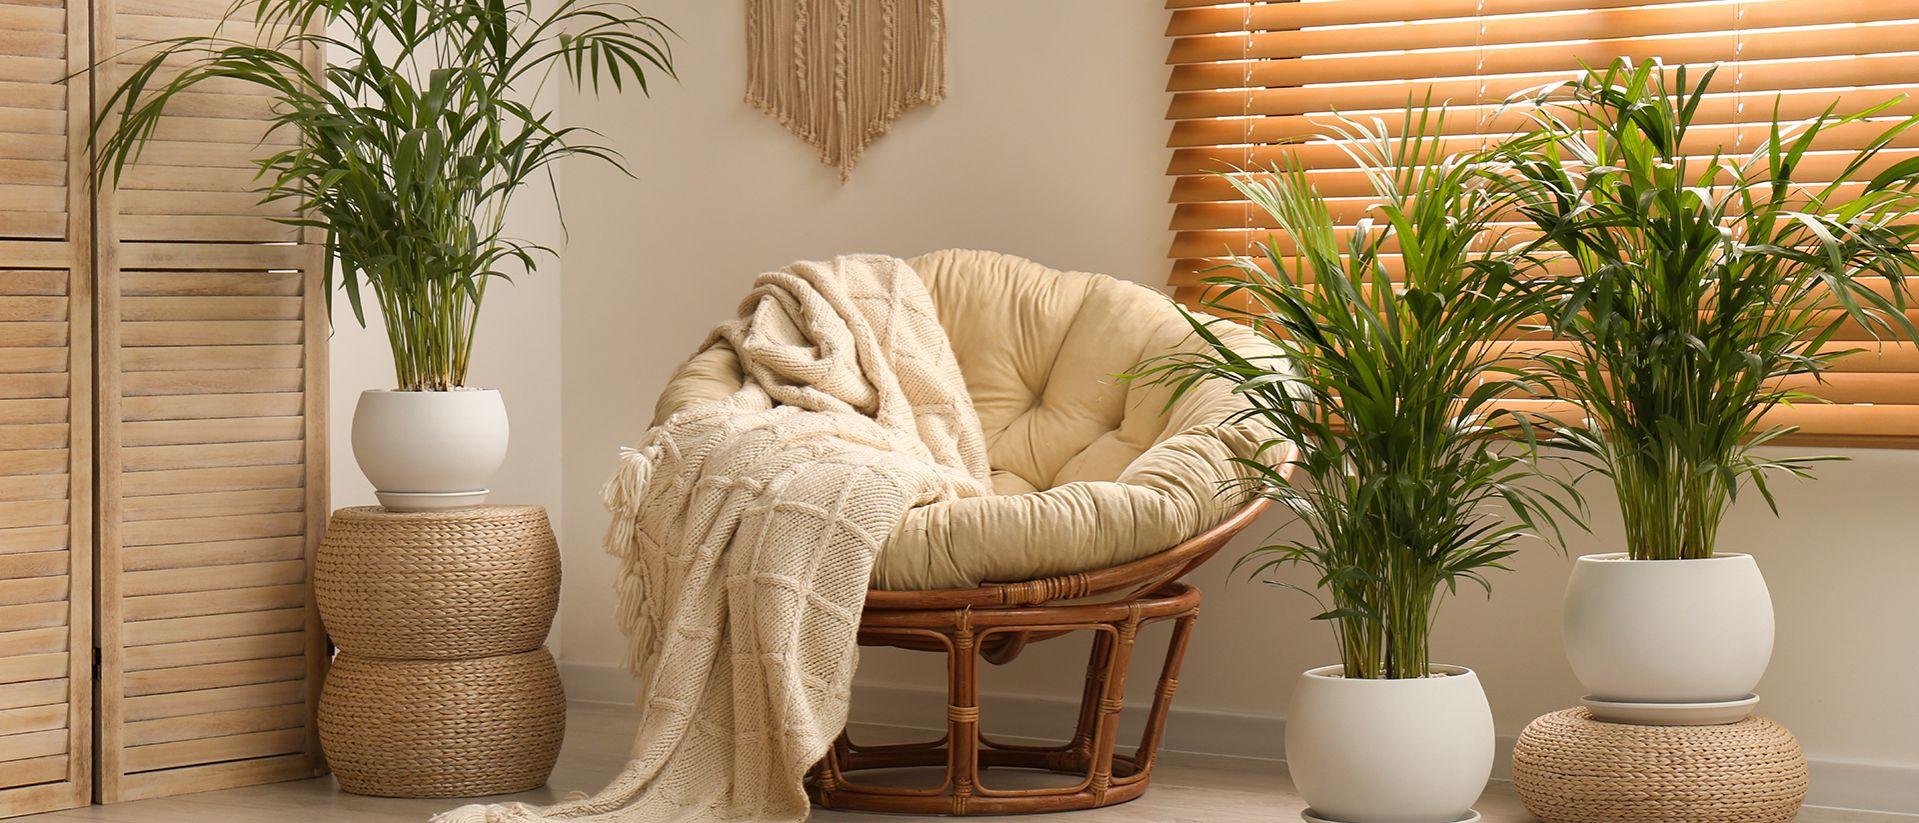 La pianta che regola l'umidità in casa